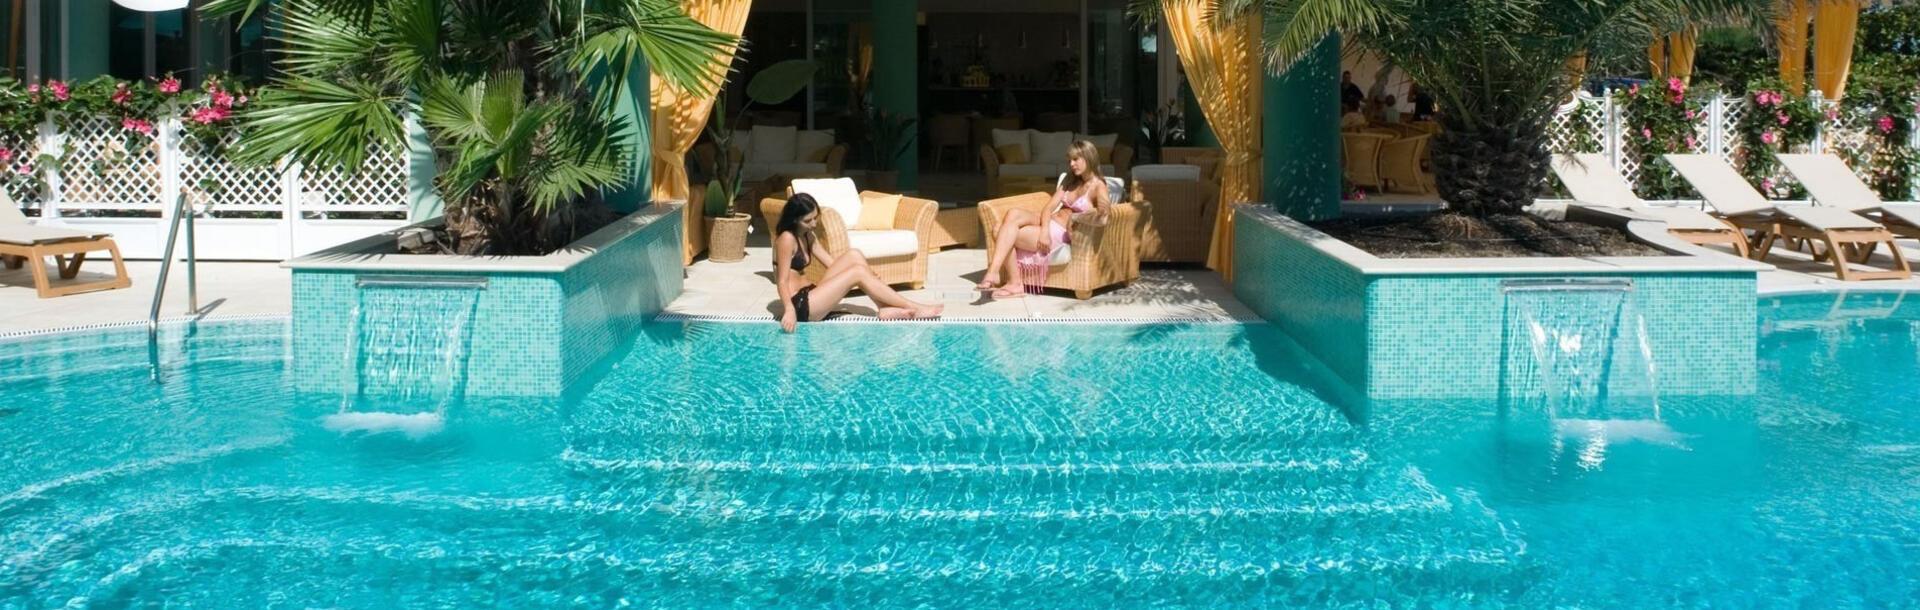 hotel-montecarlo it wellness-spa-per-la-coppia-a-bibione 014